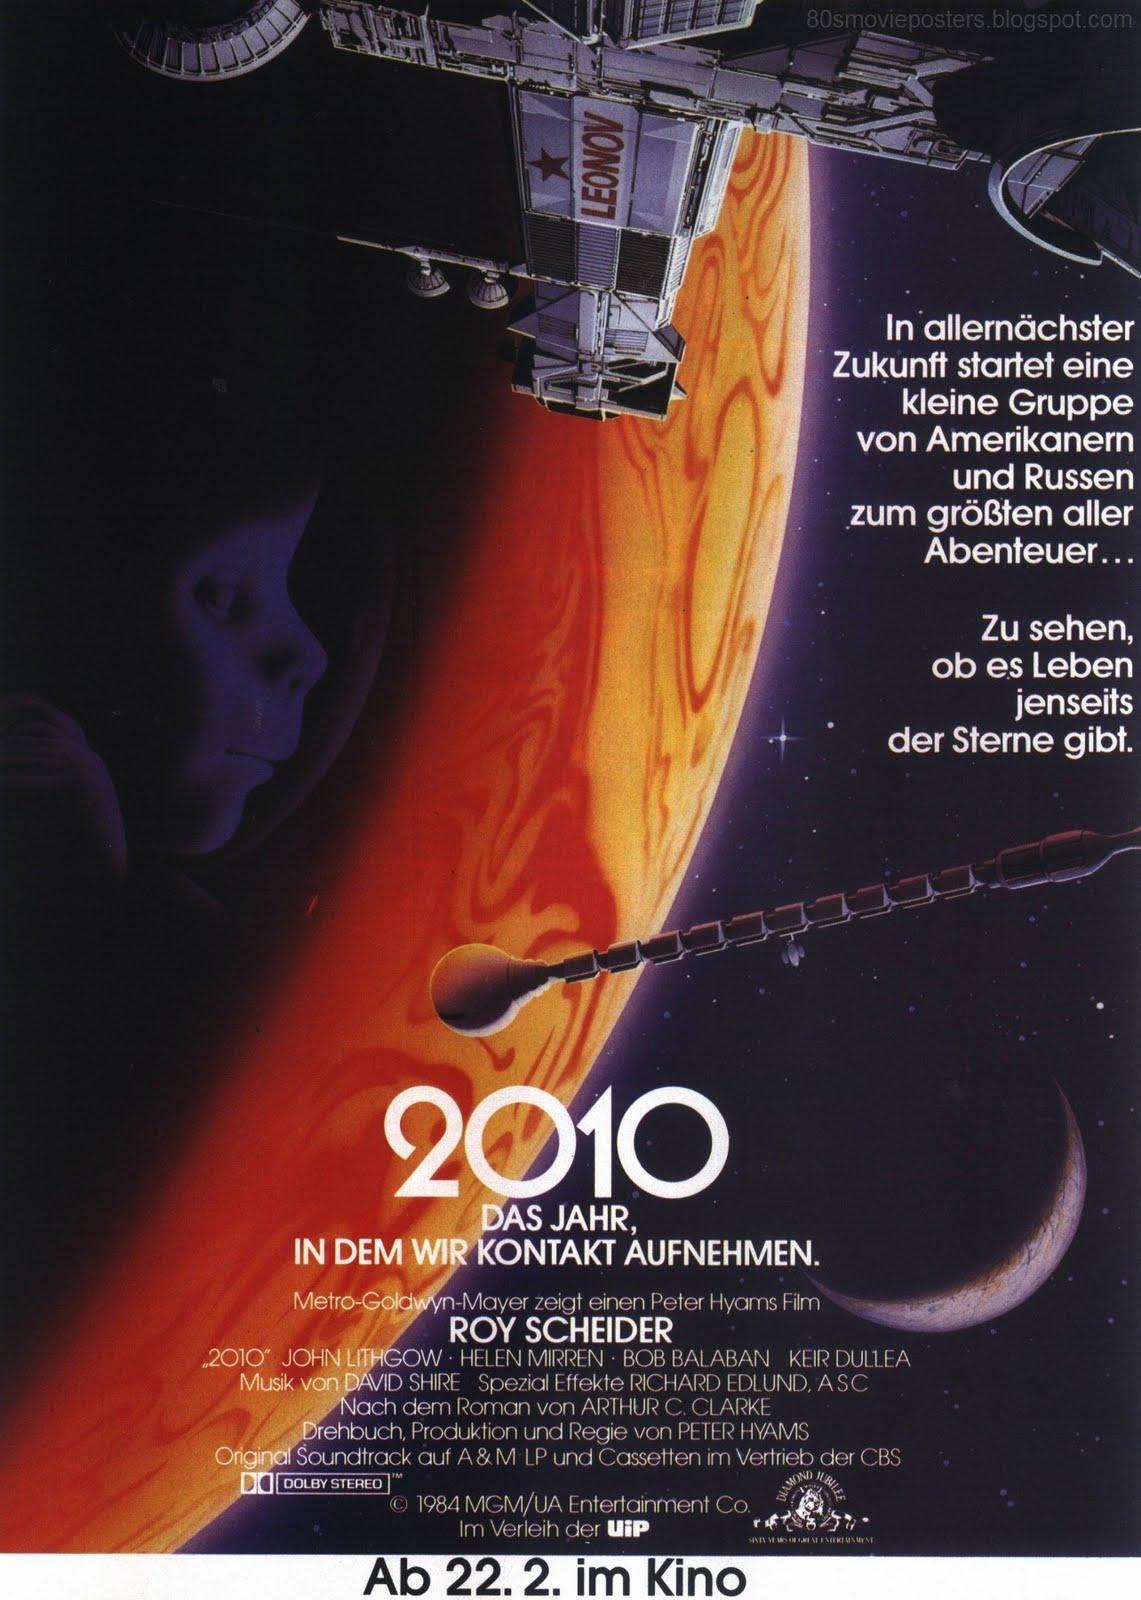 2010 Das Jahr In Dem Wir Kontakt Aufnehmen